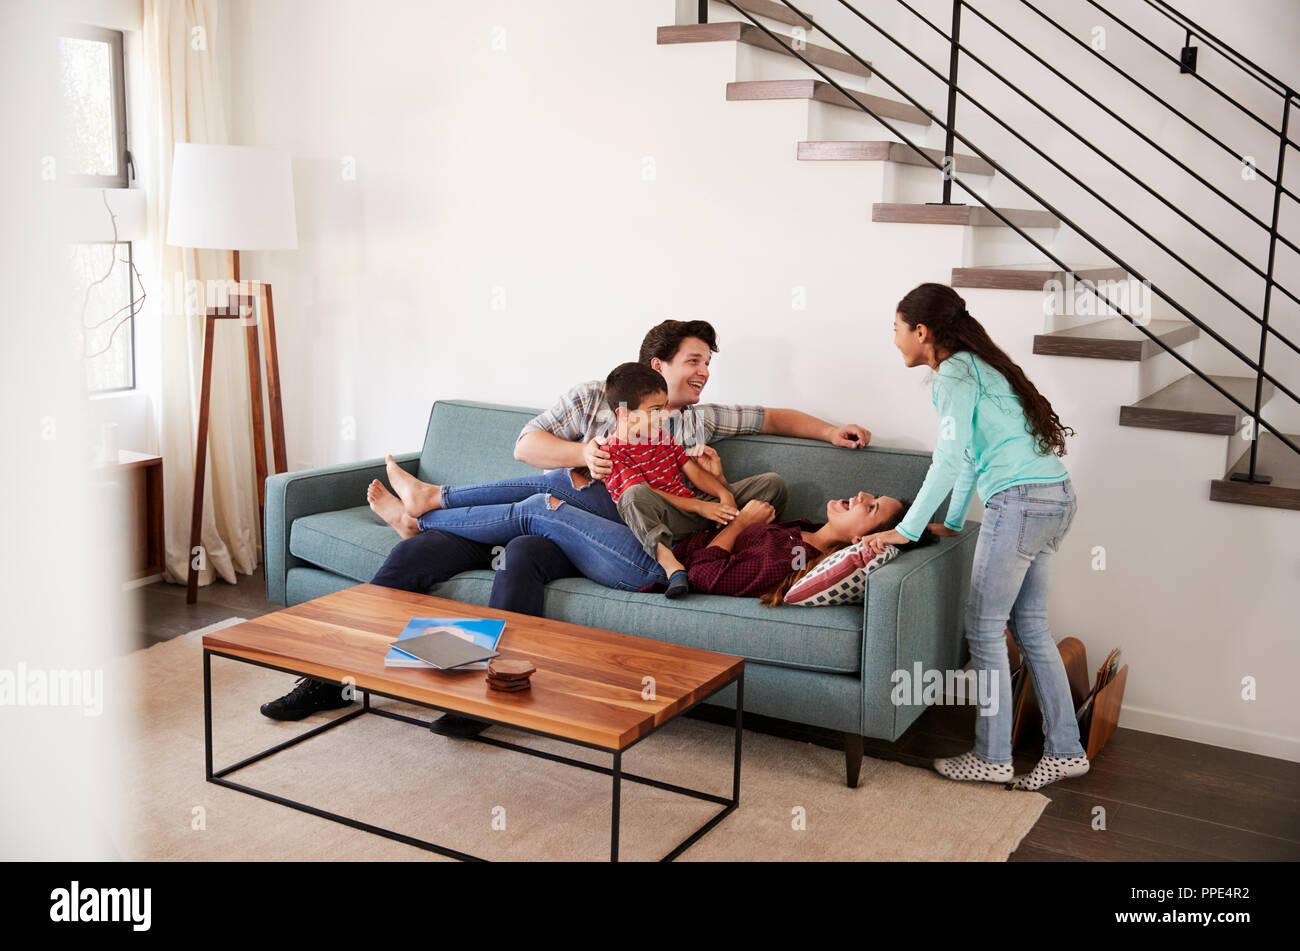 Familie Spaß liegend auf dem Sofa zu Hause zusammen Stockfoto